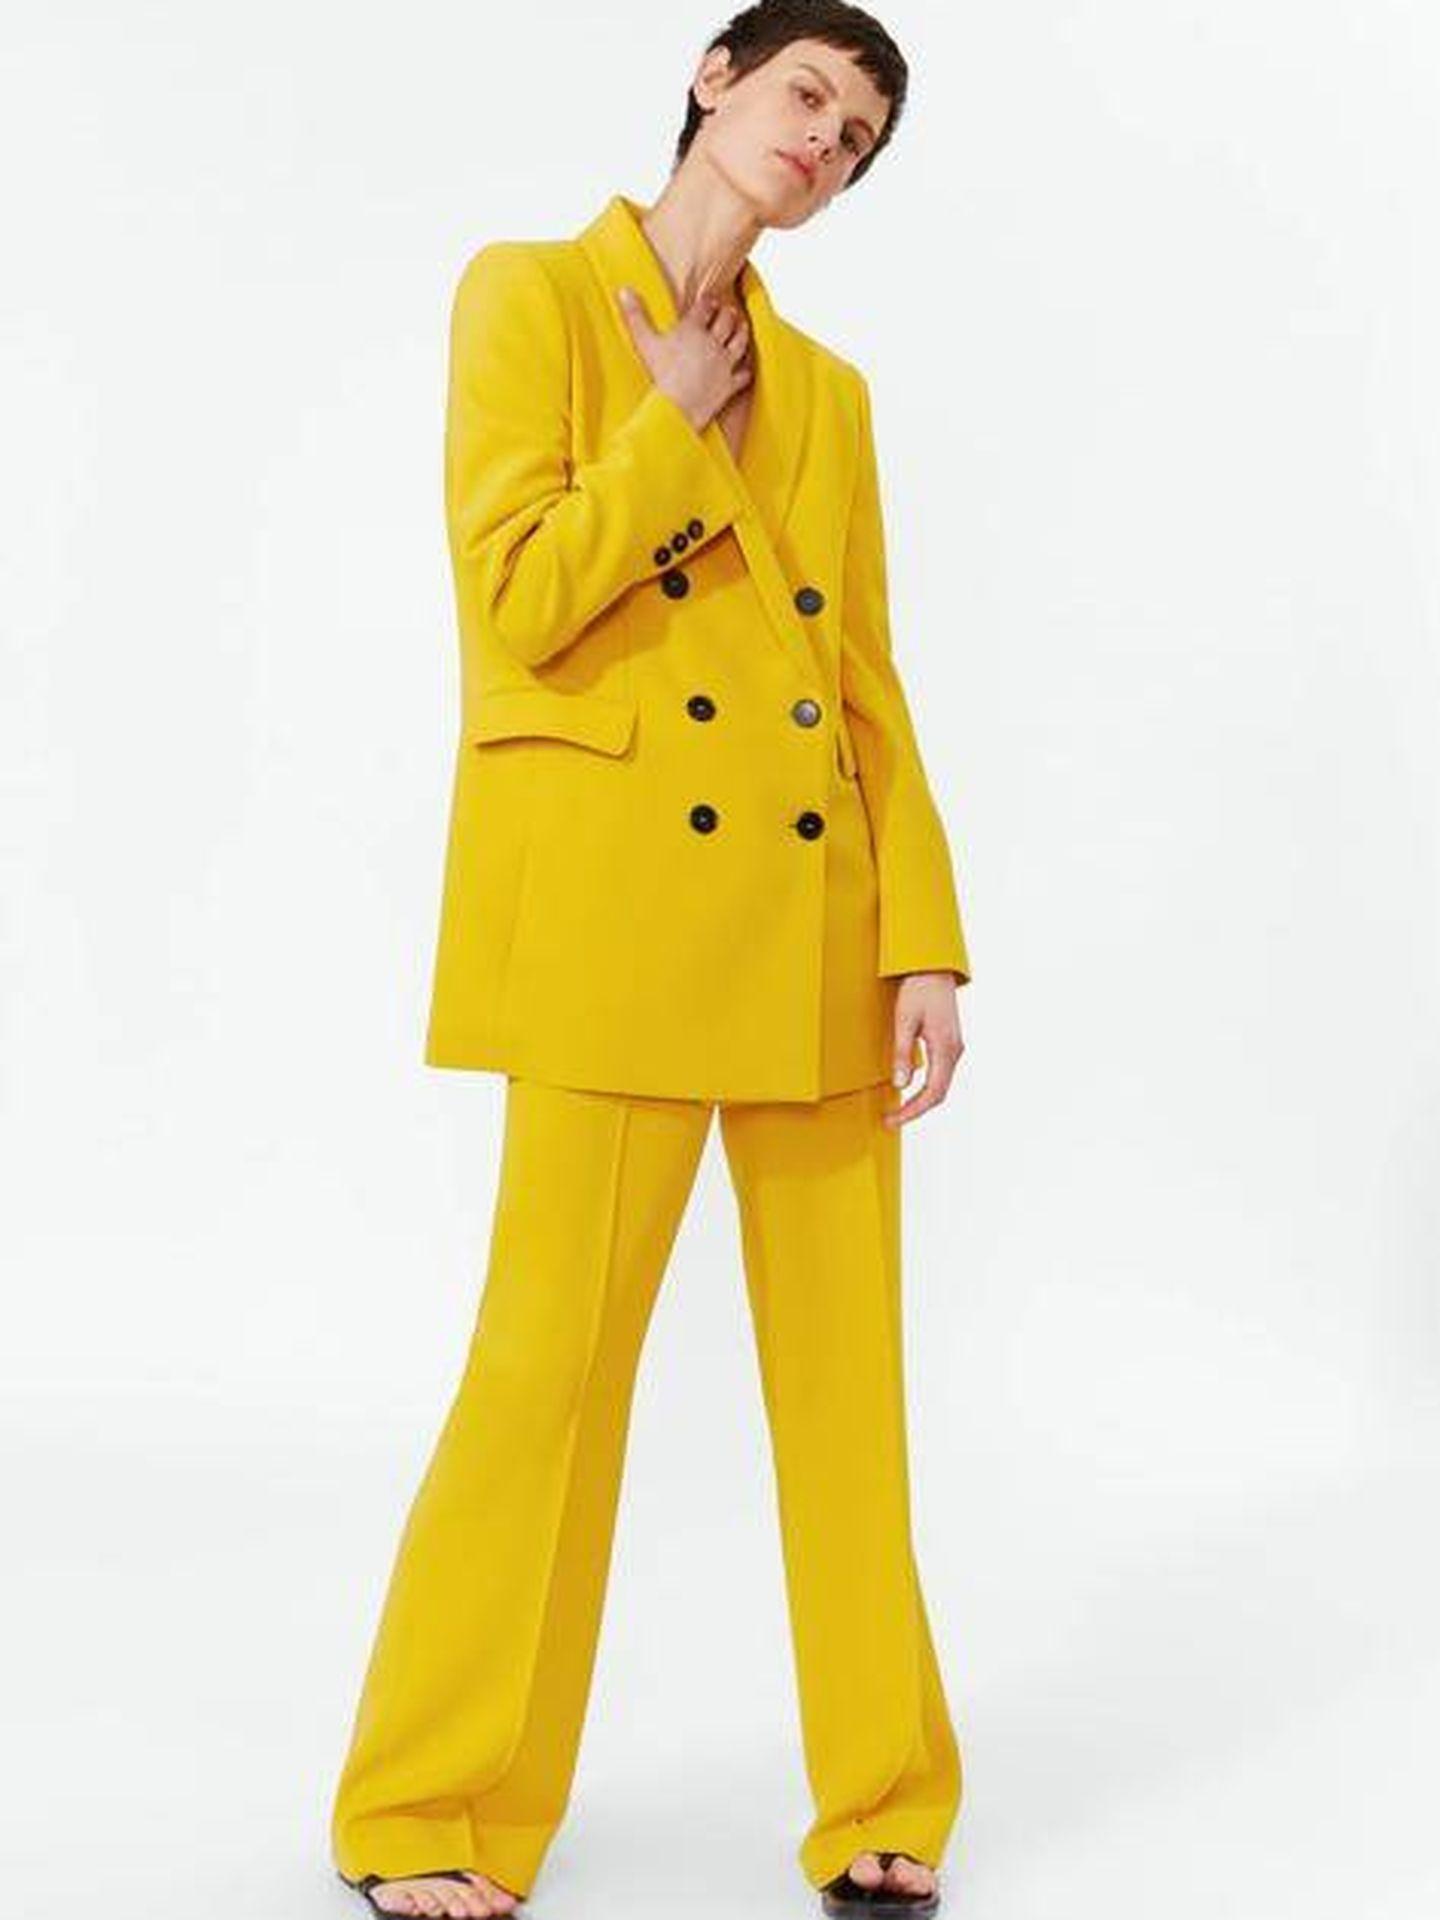 El traje amarillo de Zara. (Cortesía)